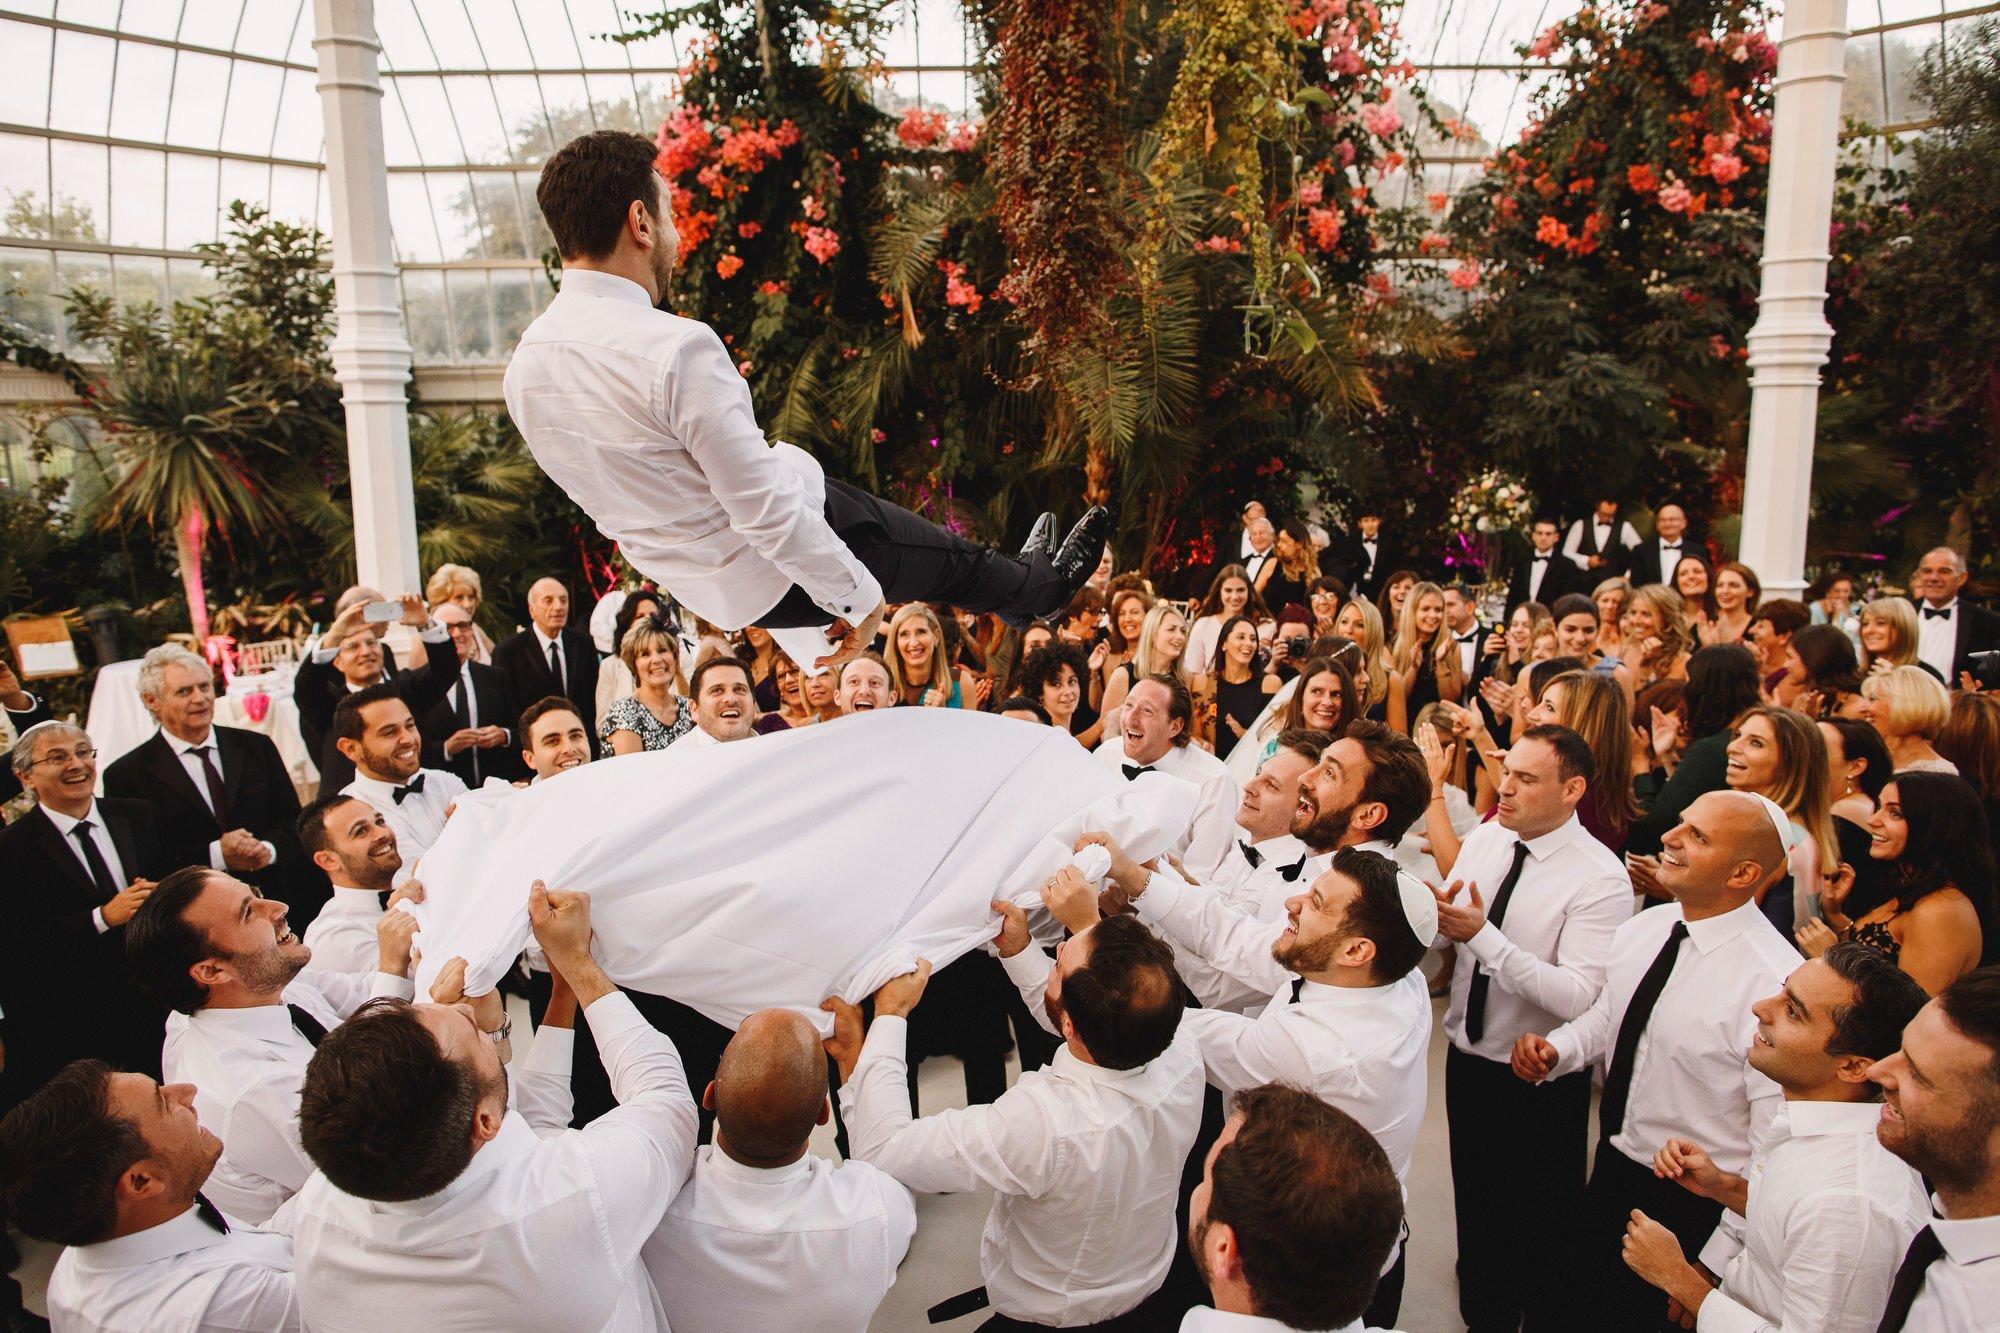 Jewish wedding photography UK - Sefton Park Palm House